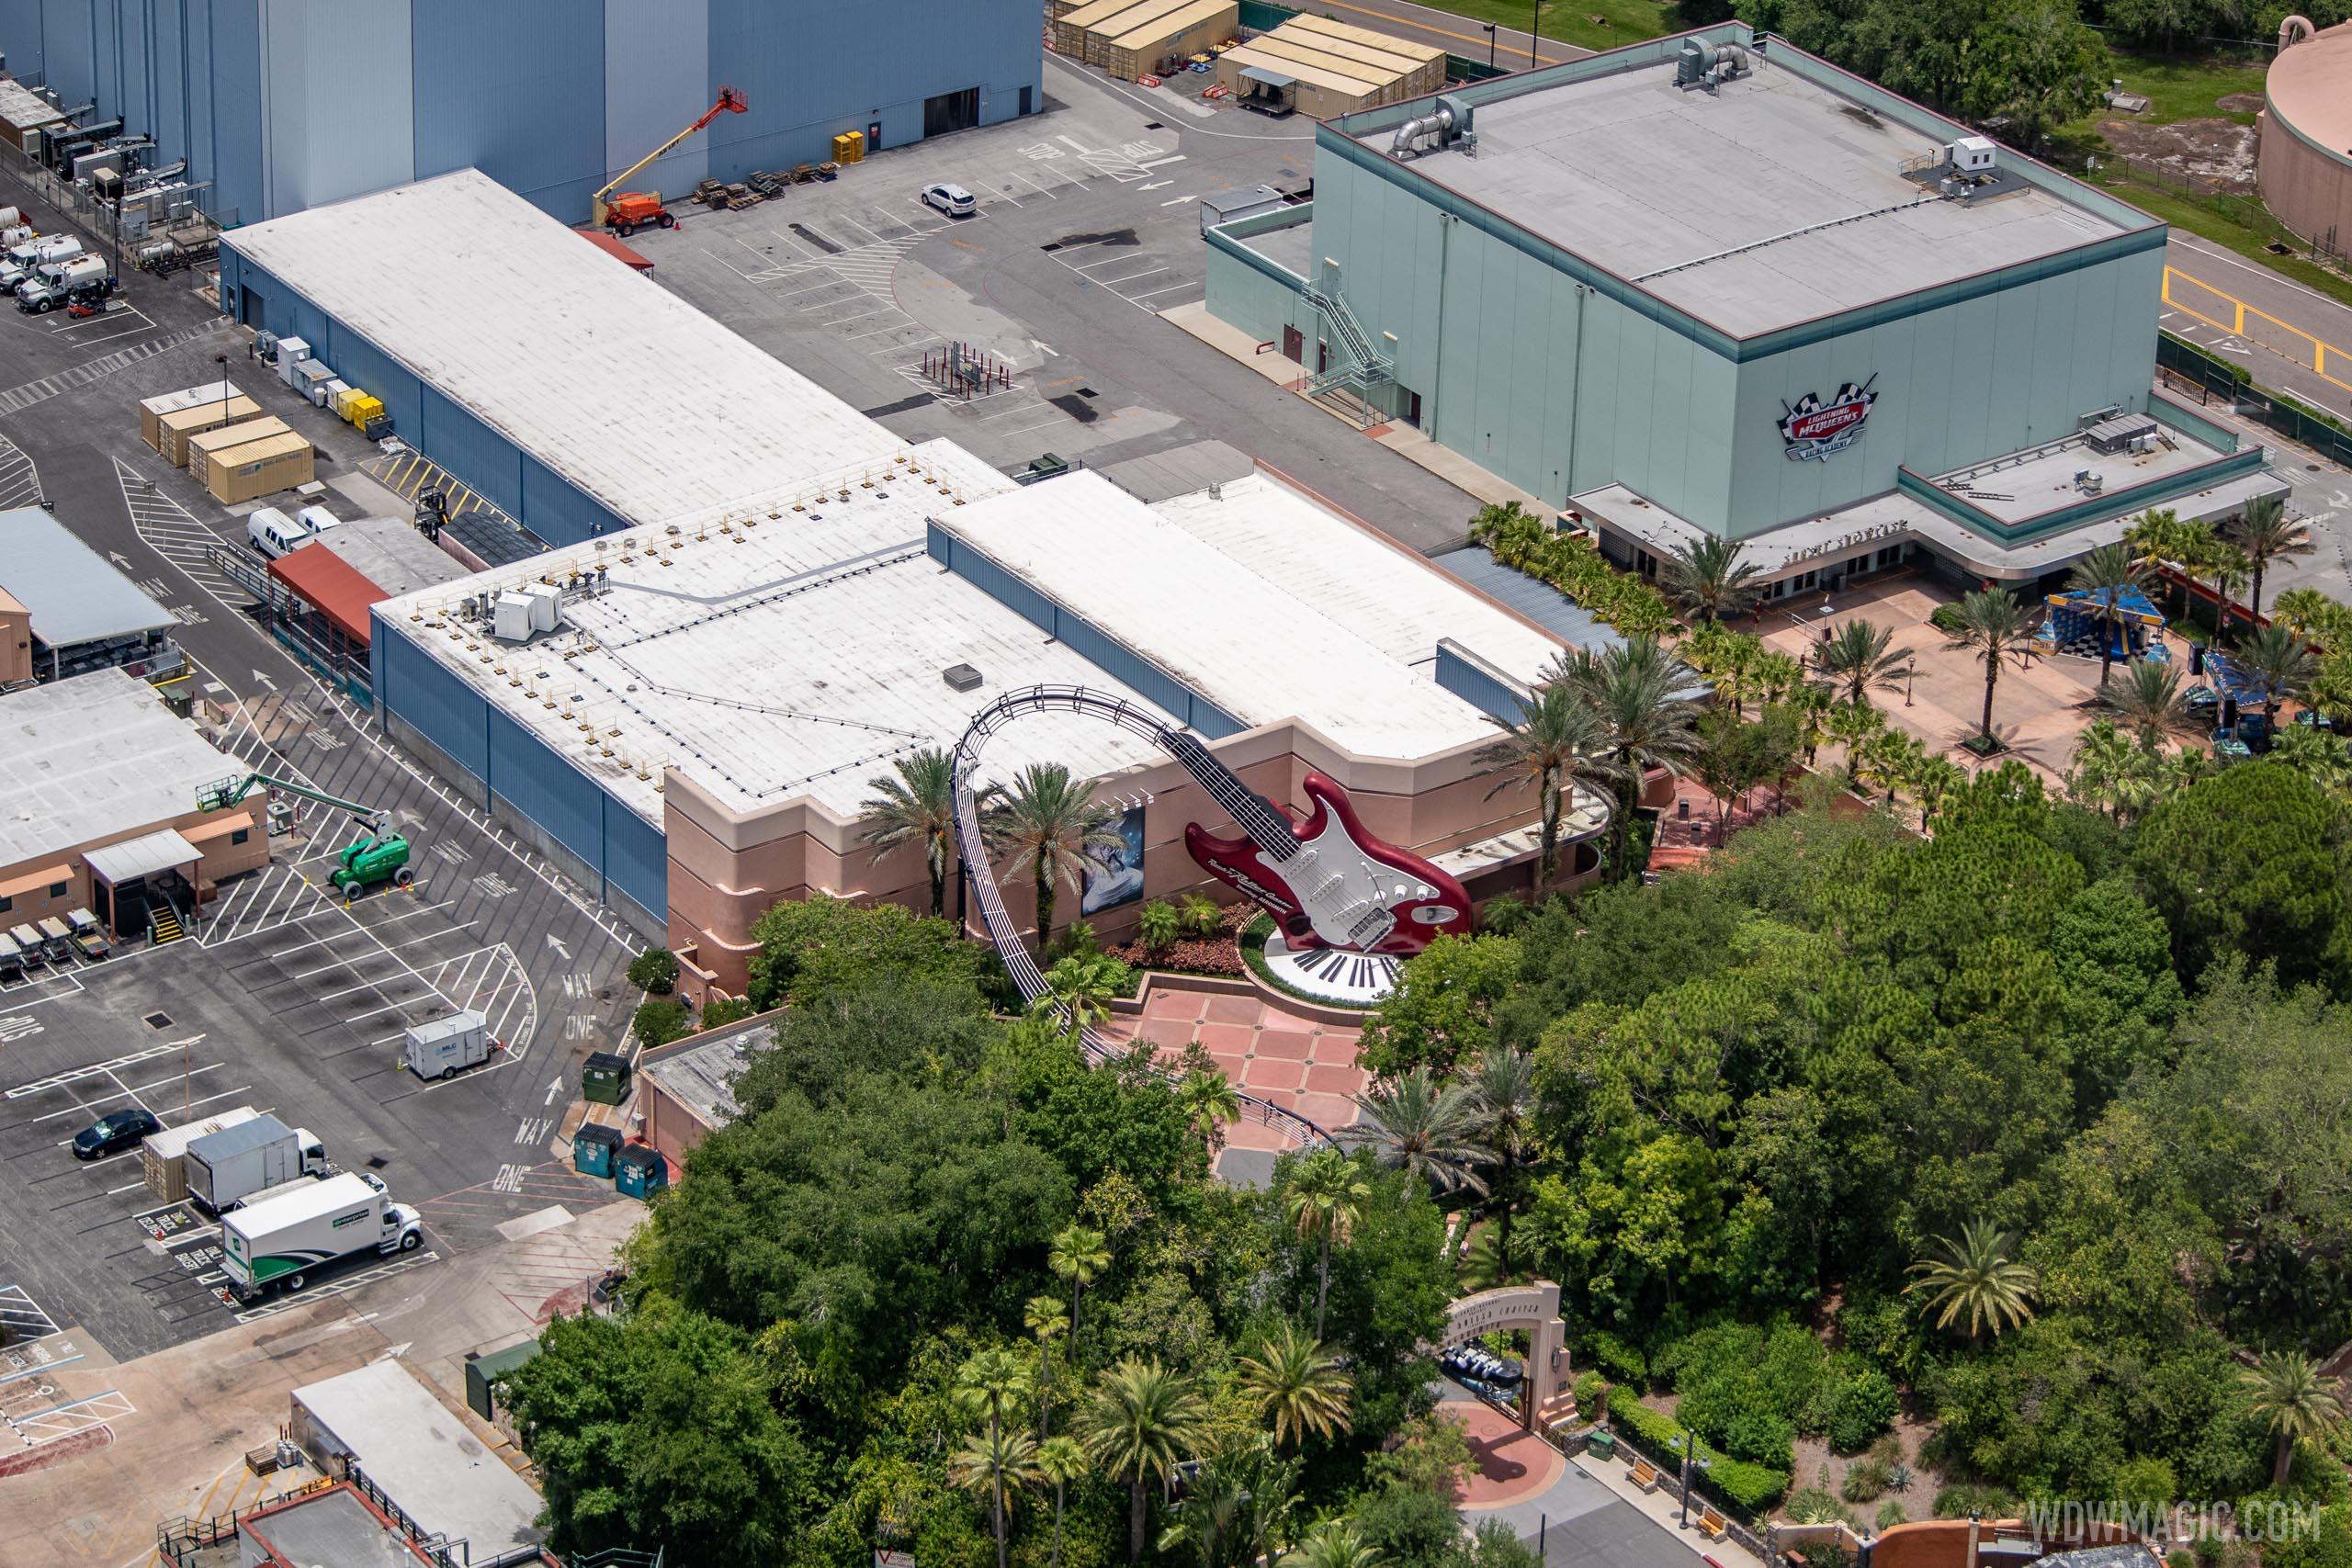 Rock n RollerCoaster aerial views